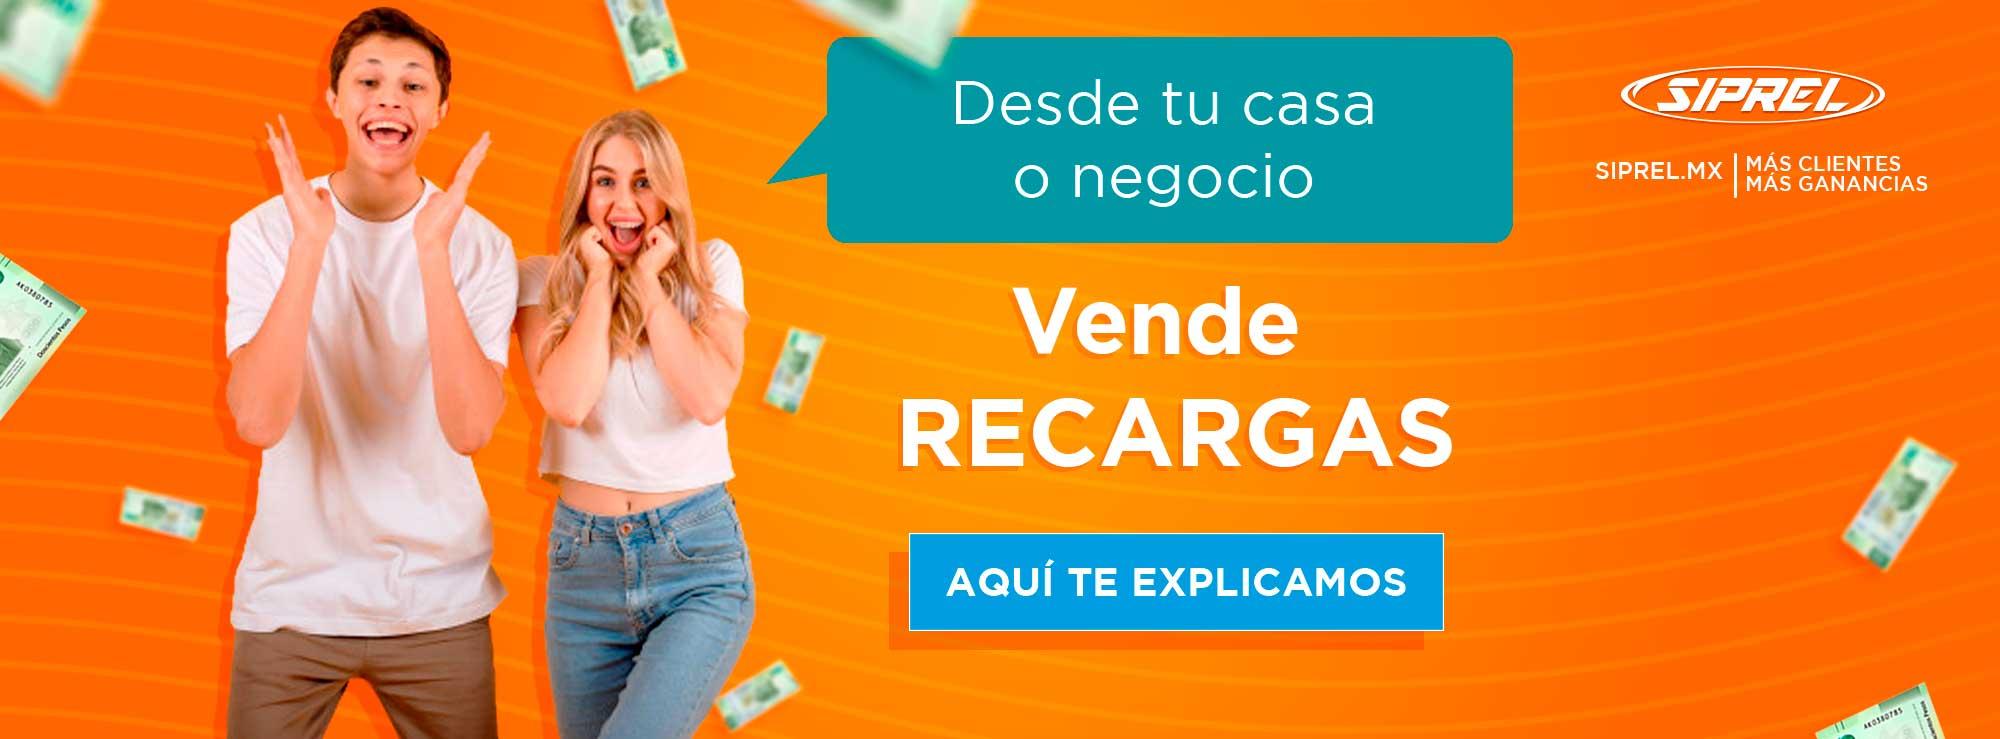 ¿Qué son las recargas electronicas?, recargas Telcel